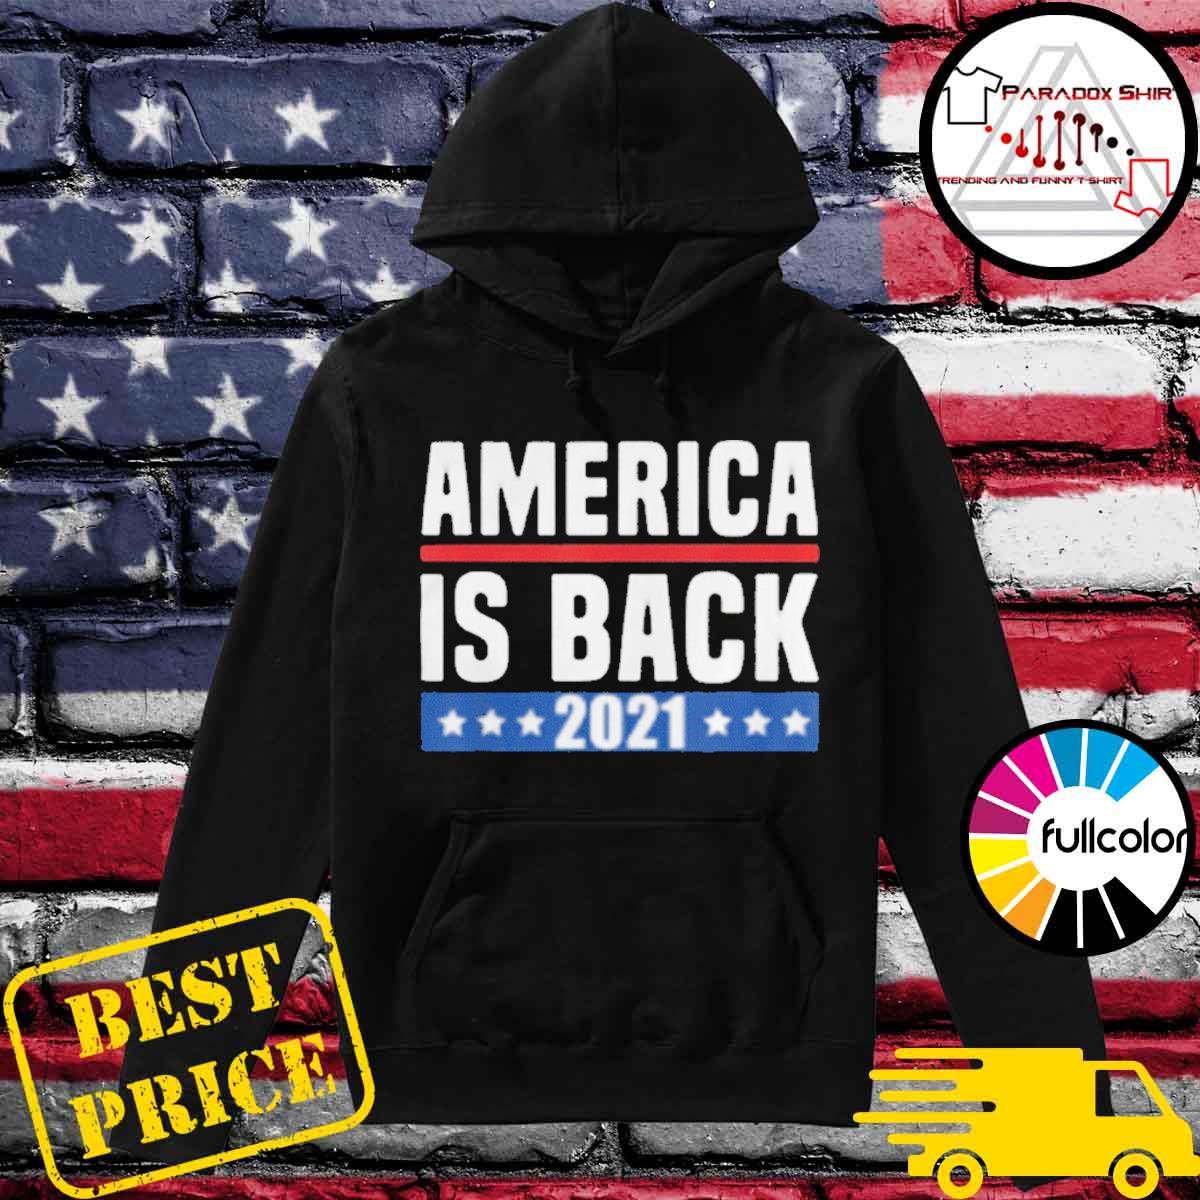 America is back 2021 s Hoodie